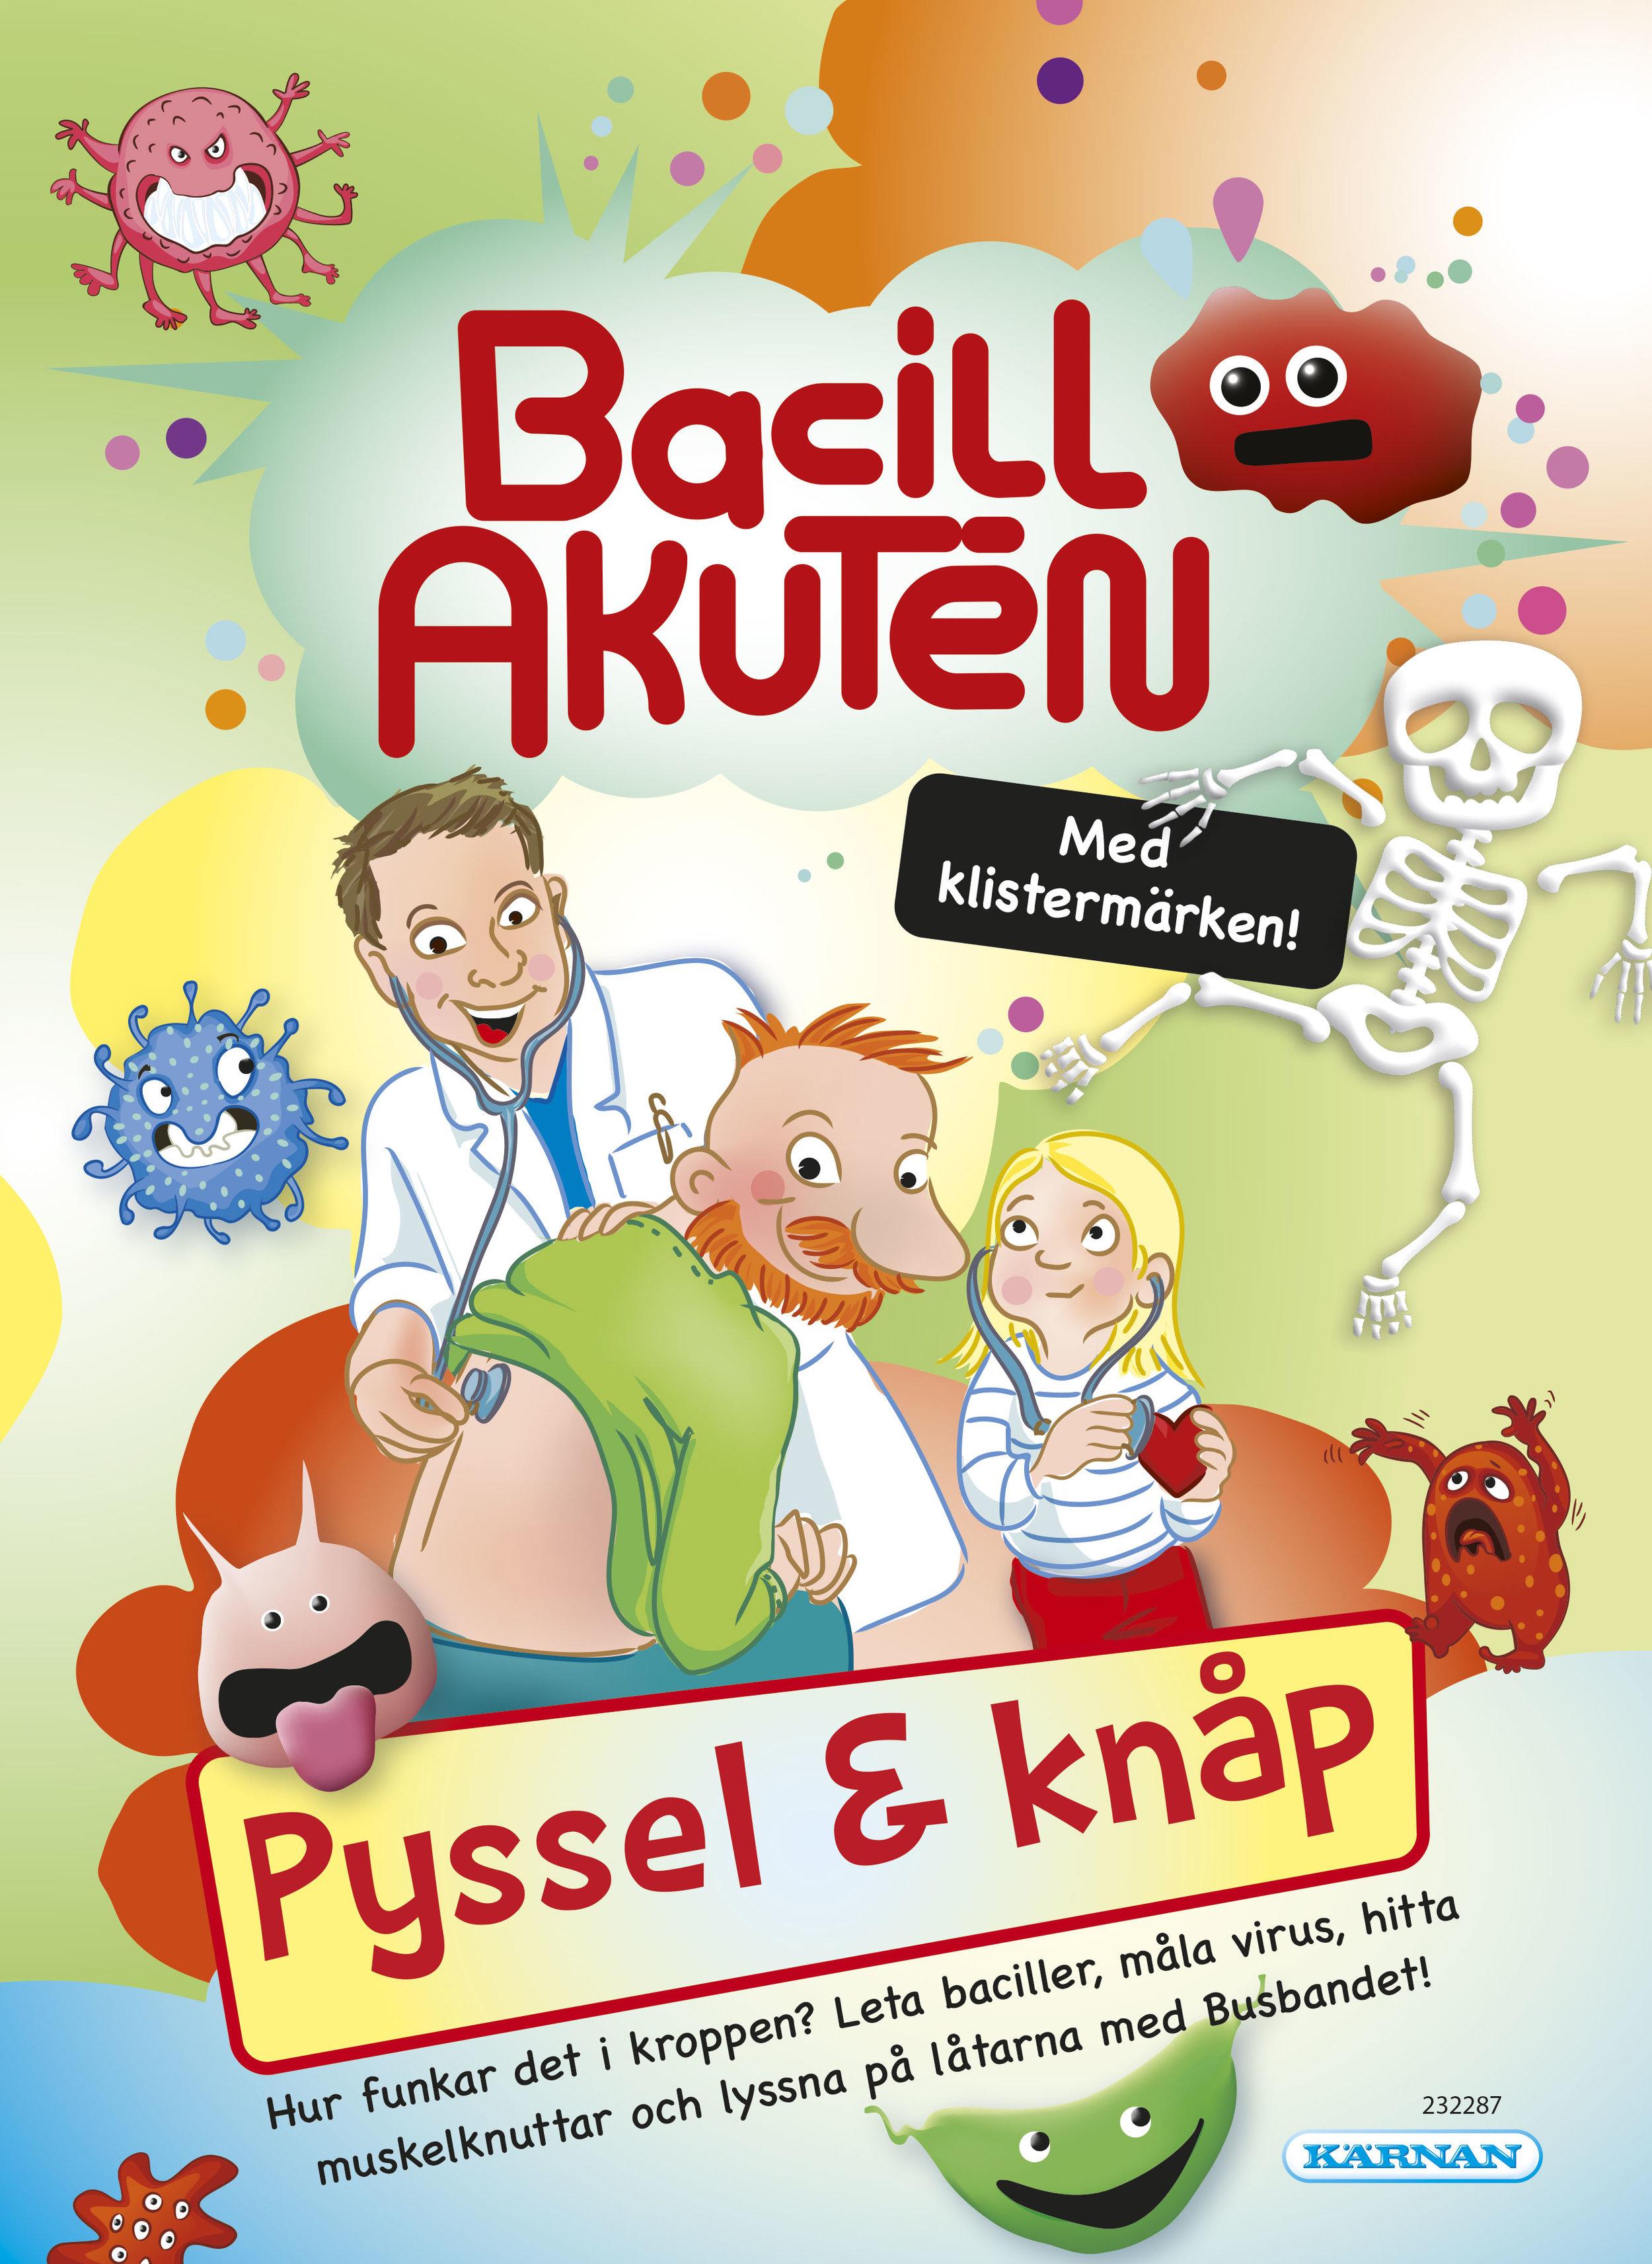 cover-Bacillakuten-BOK-2nytest-2.jpg